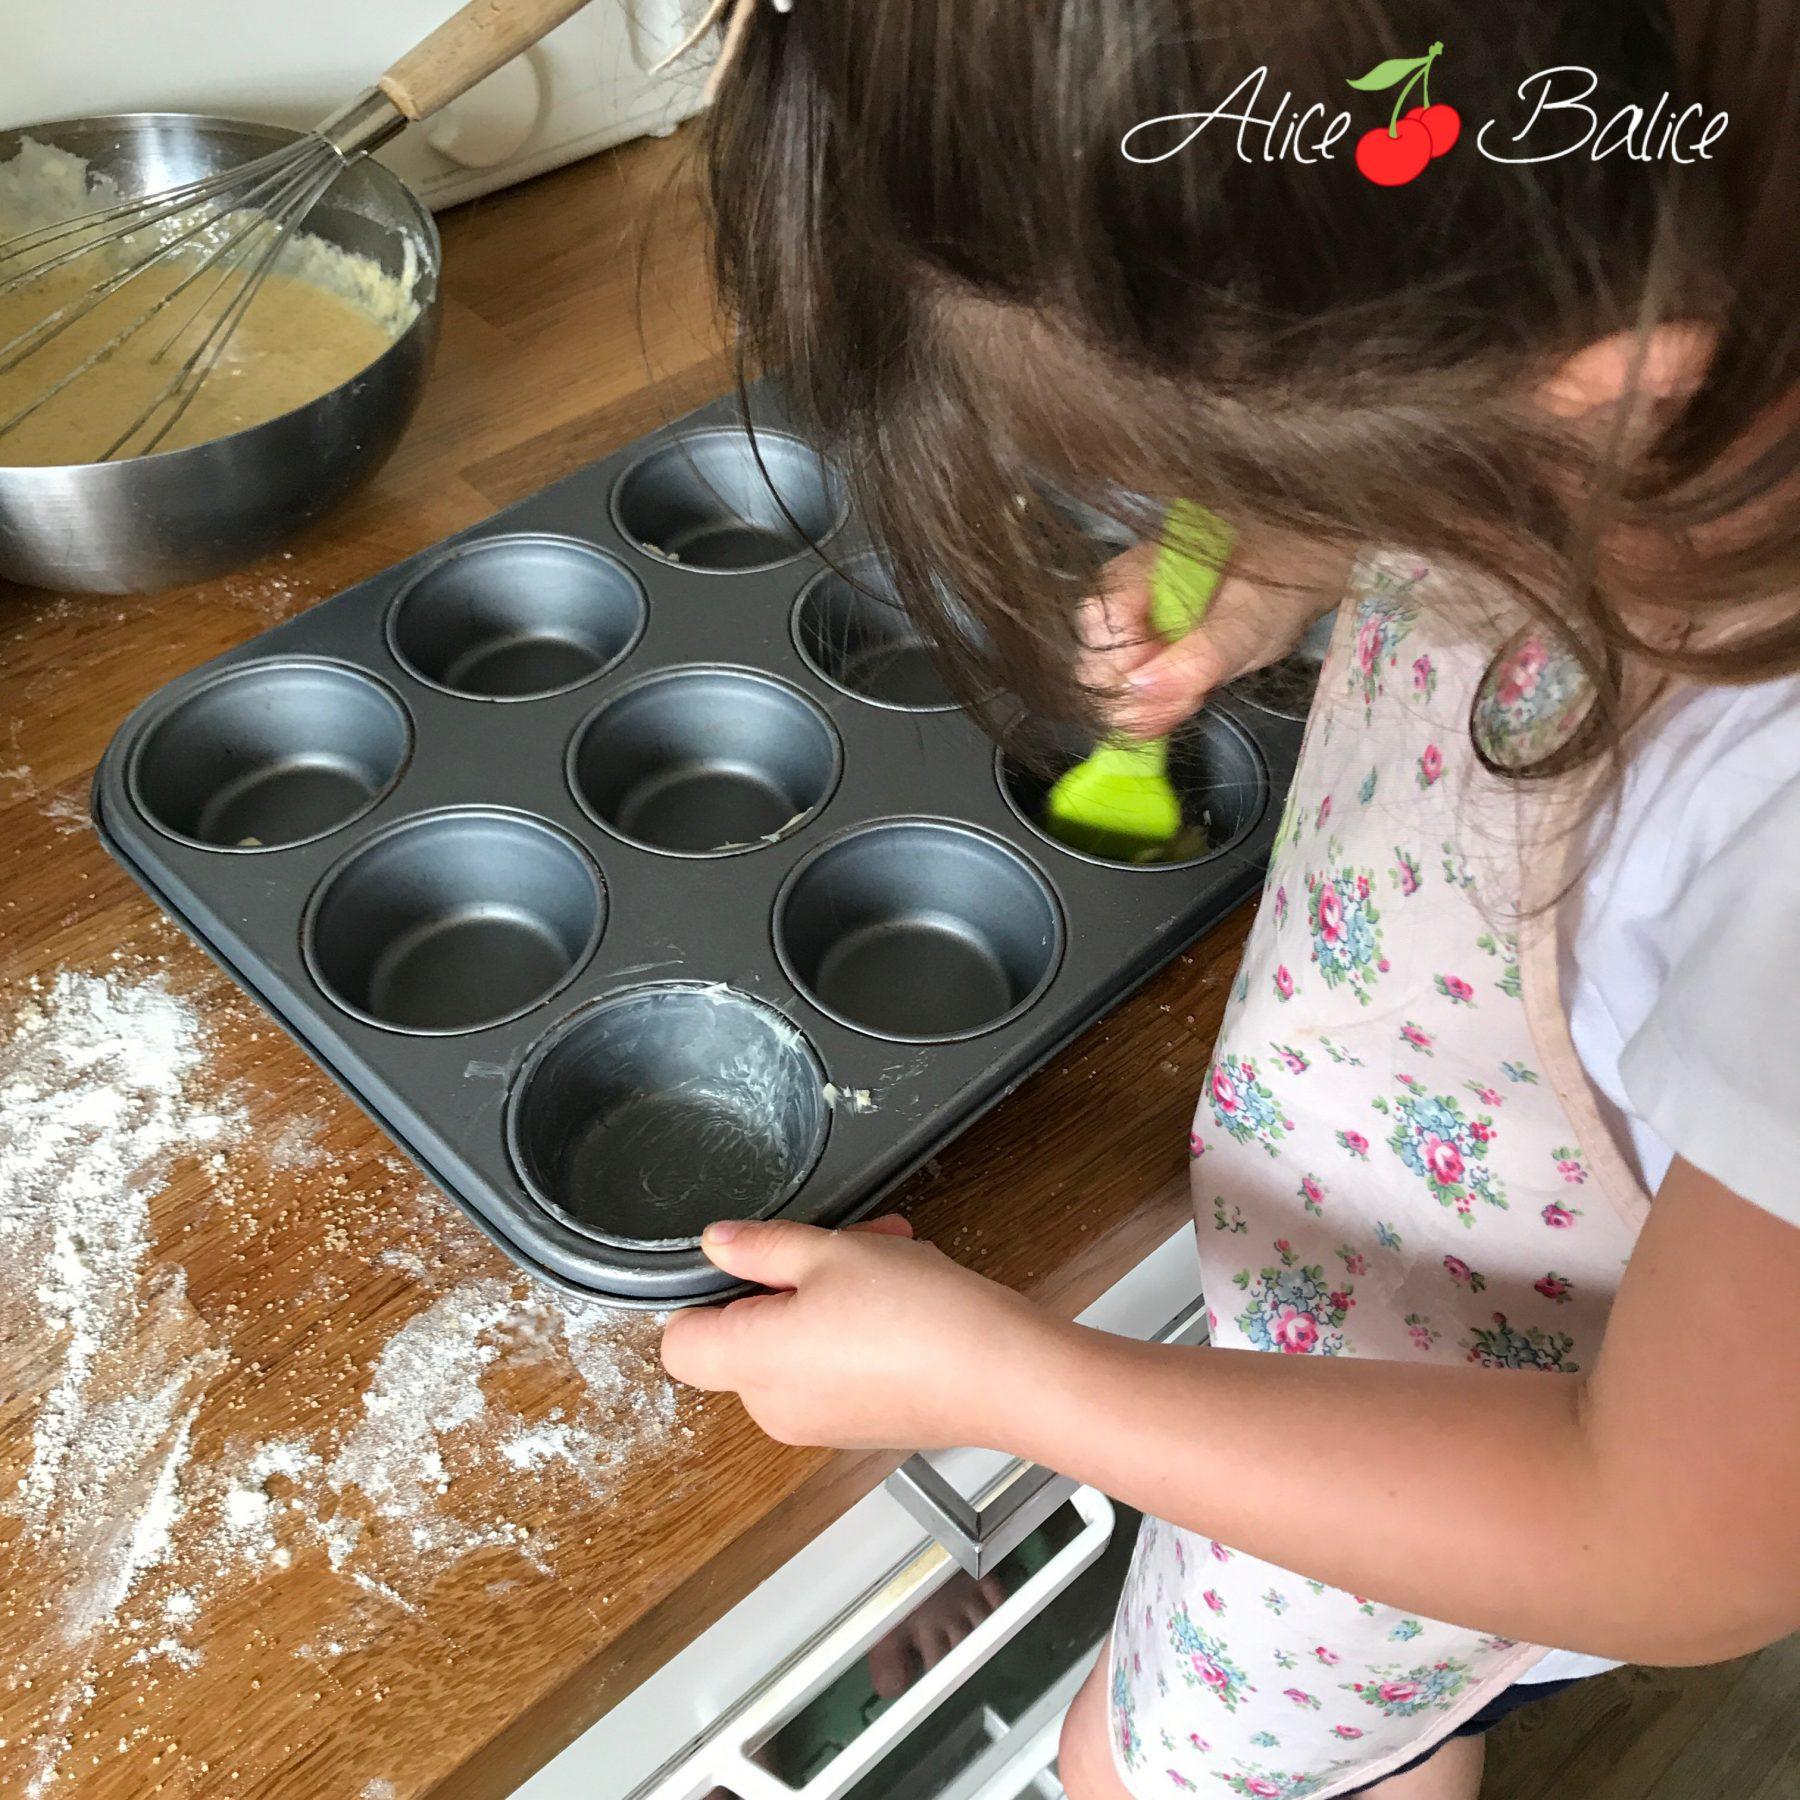 alice balice | gâteau pour la maîtresse | gâteau au yahourt